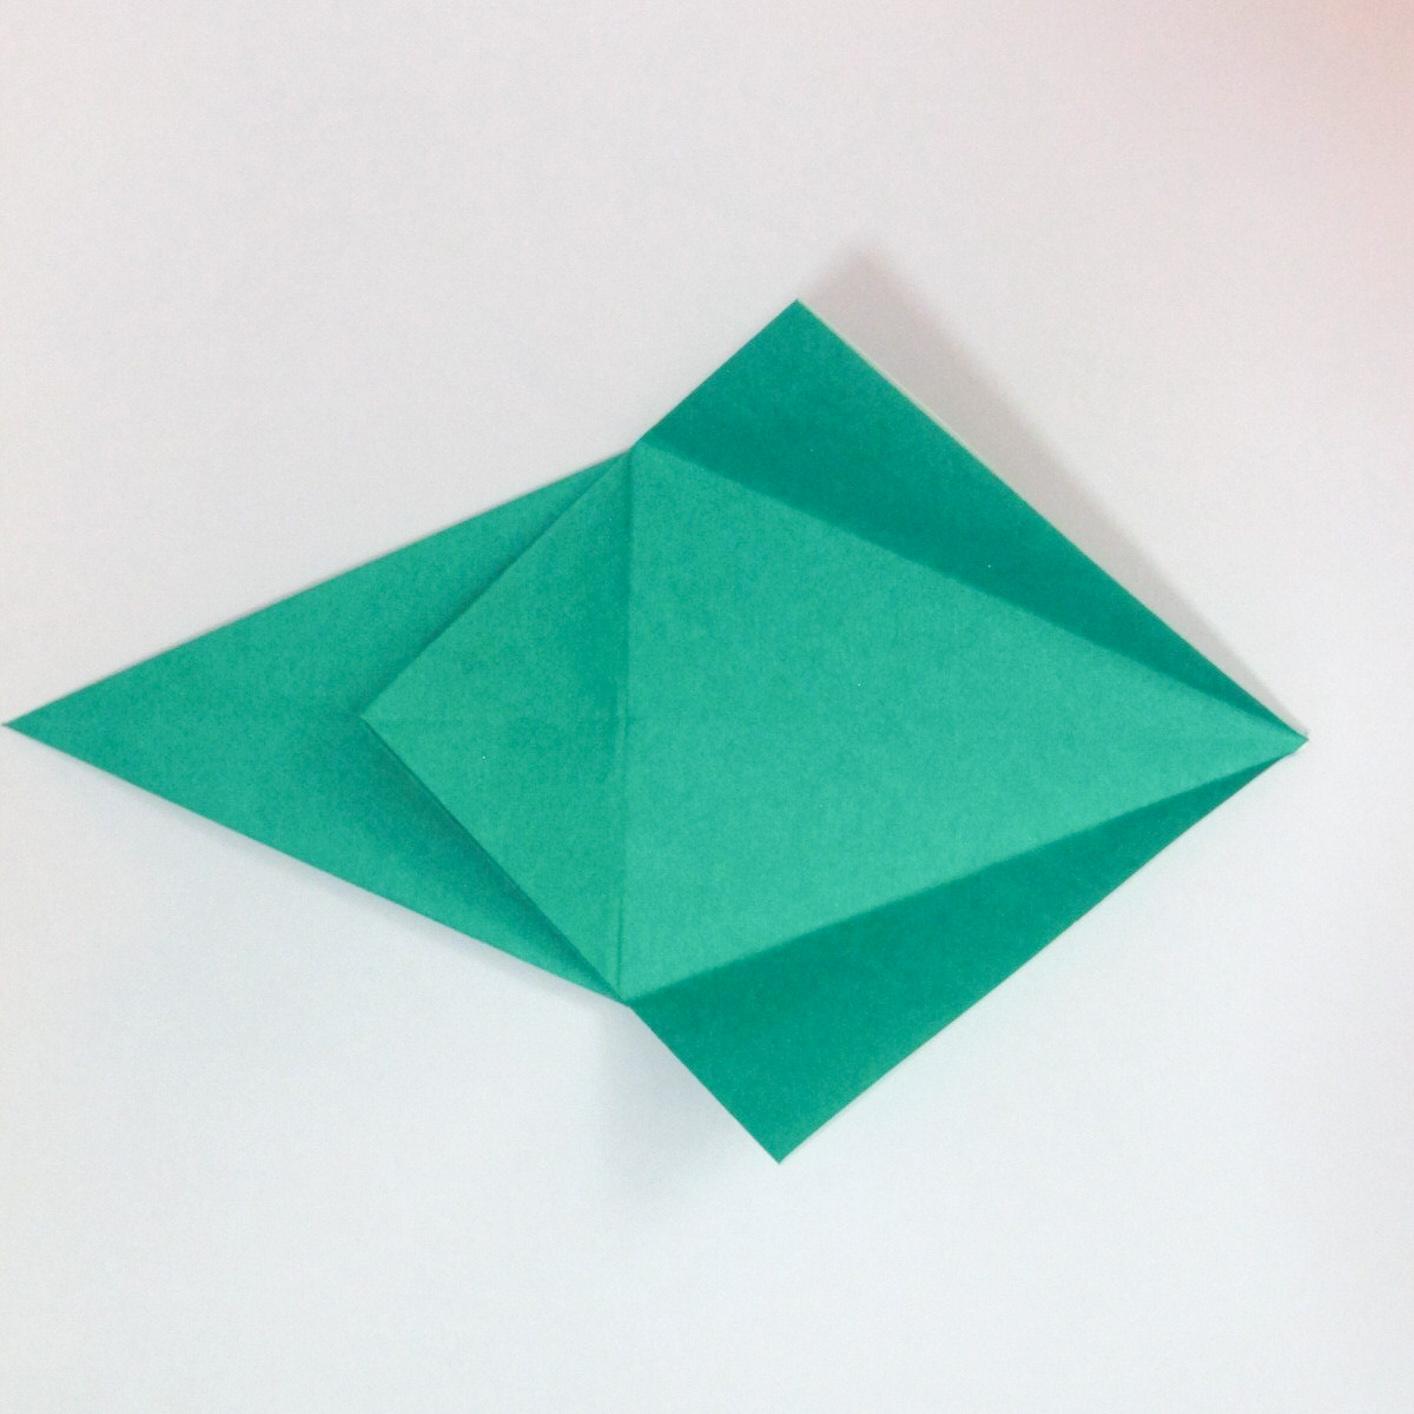 สอนวิธีการพับกระดาษเป็นรูปปลาฉลาม (Origami Shark) 015